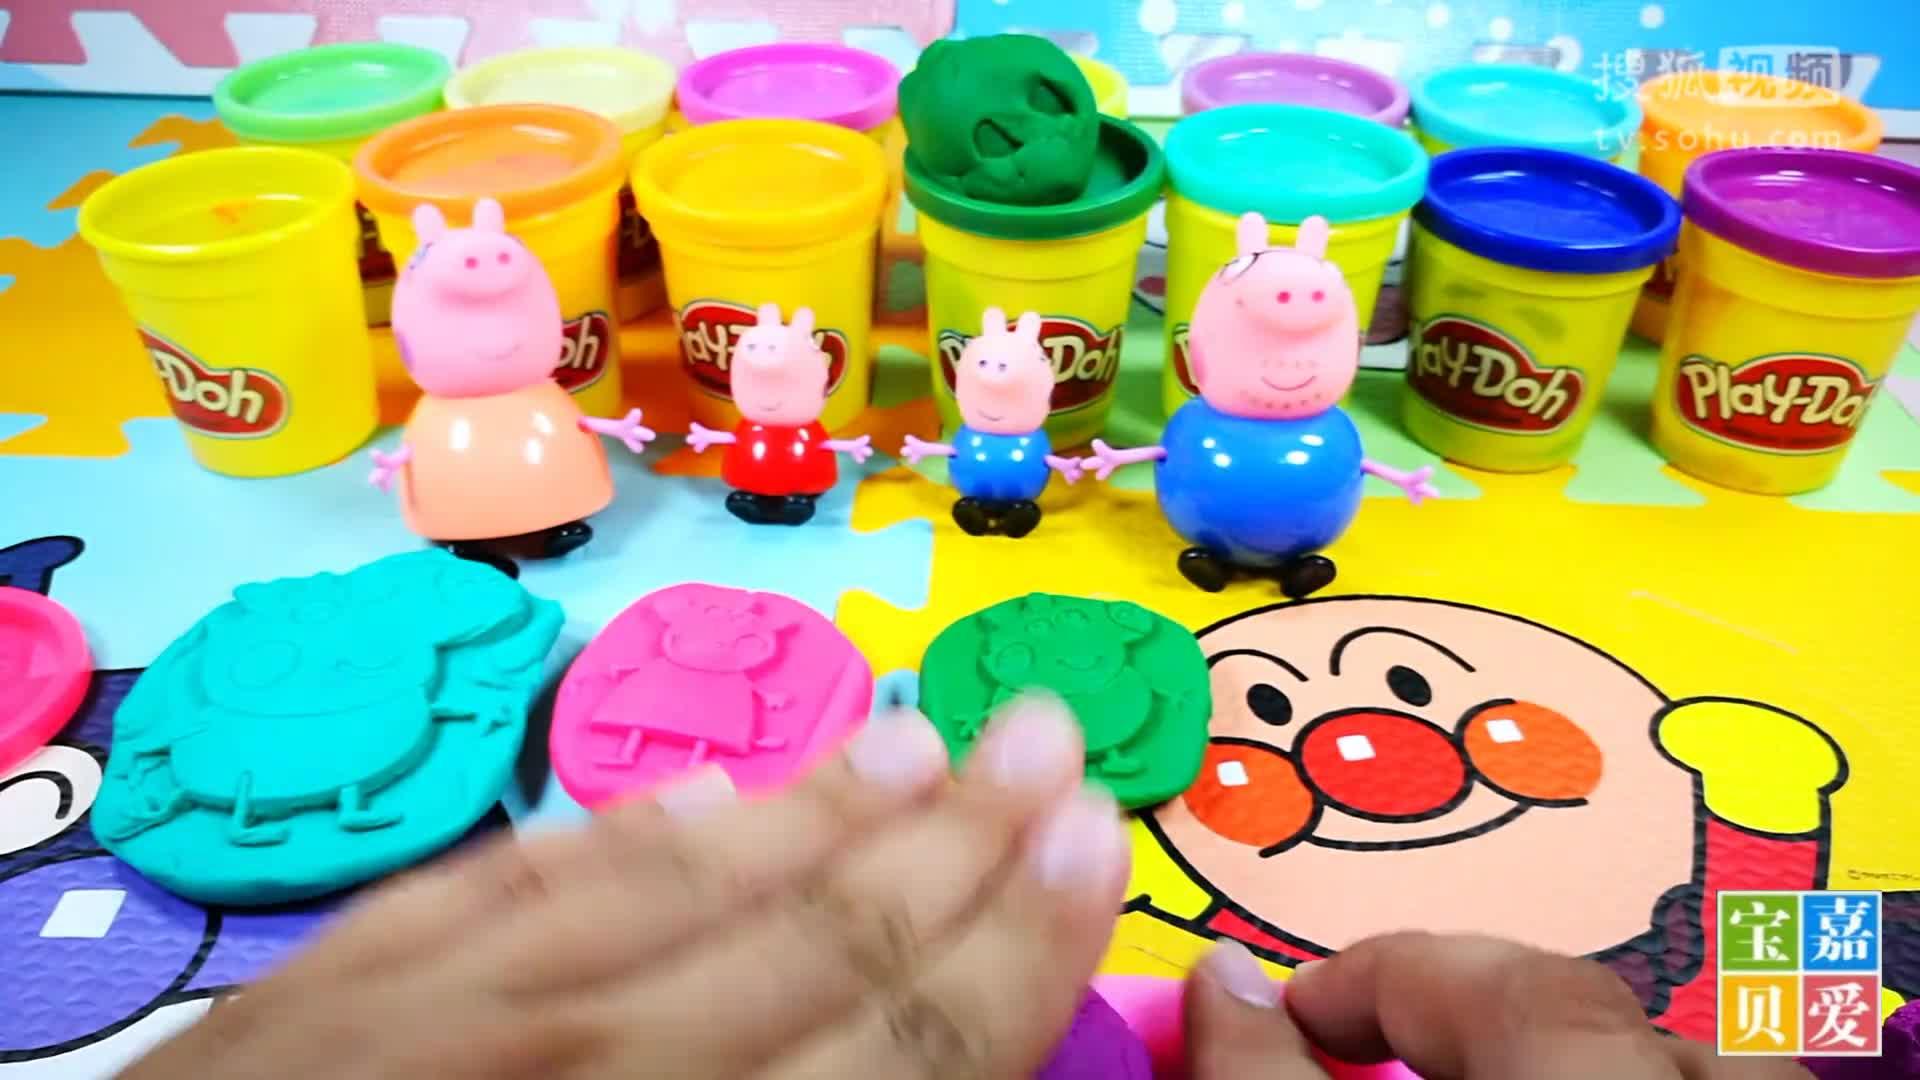 小猪佩奇彩泥制作粉红猪小妹一家彩泥模具peppa pig